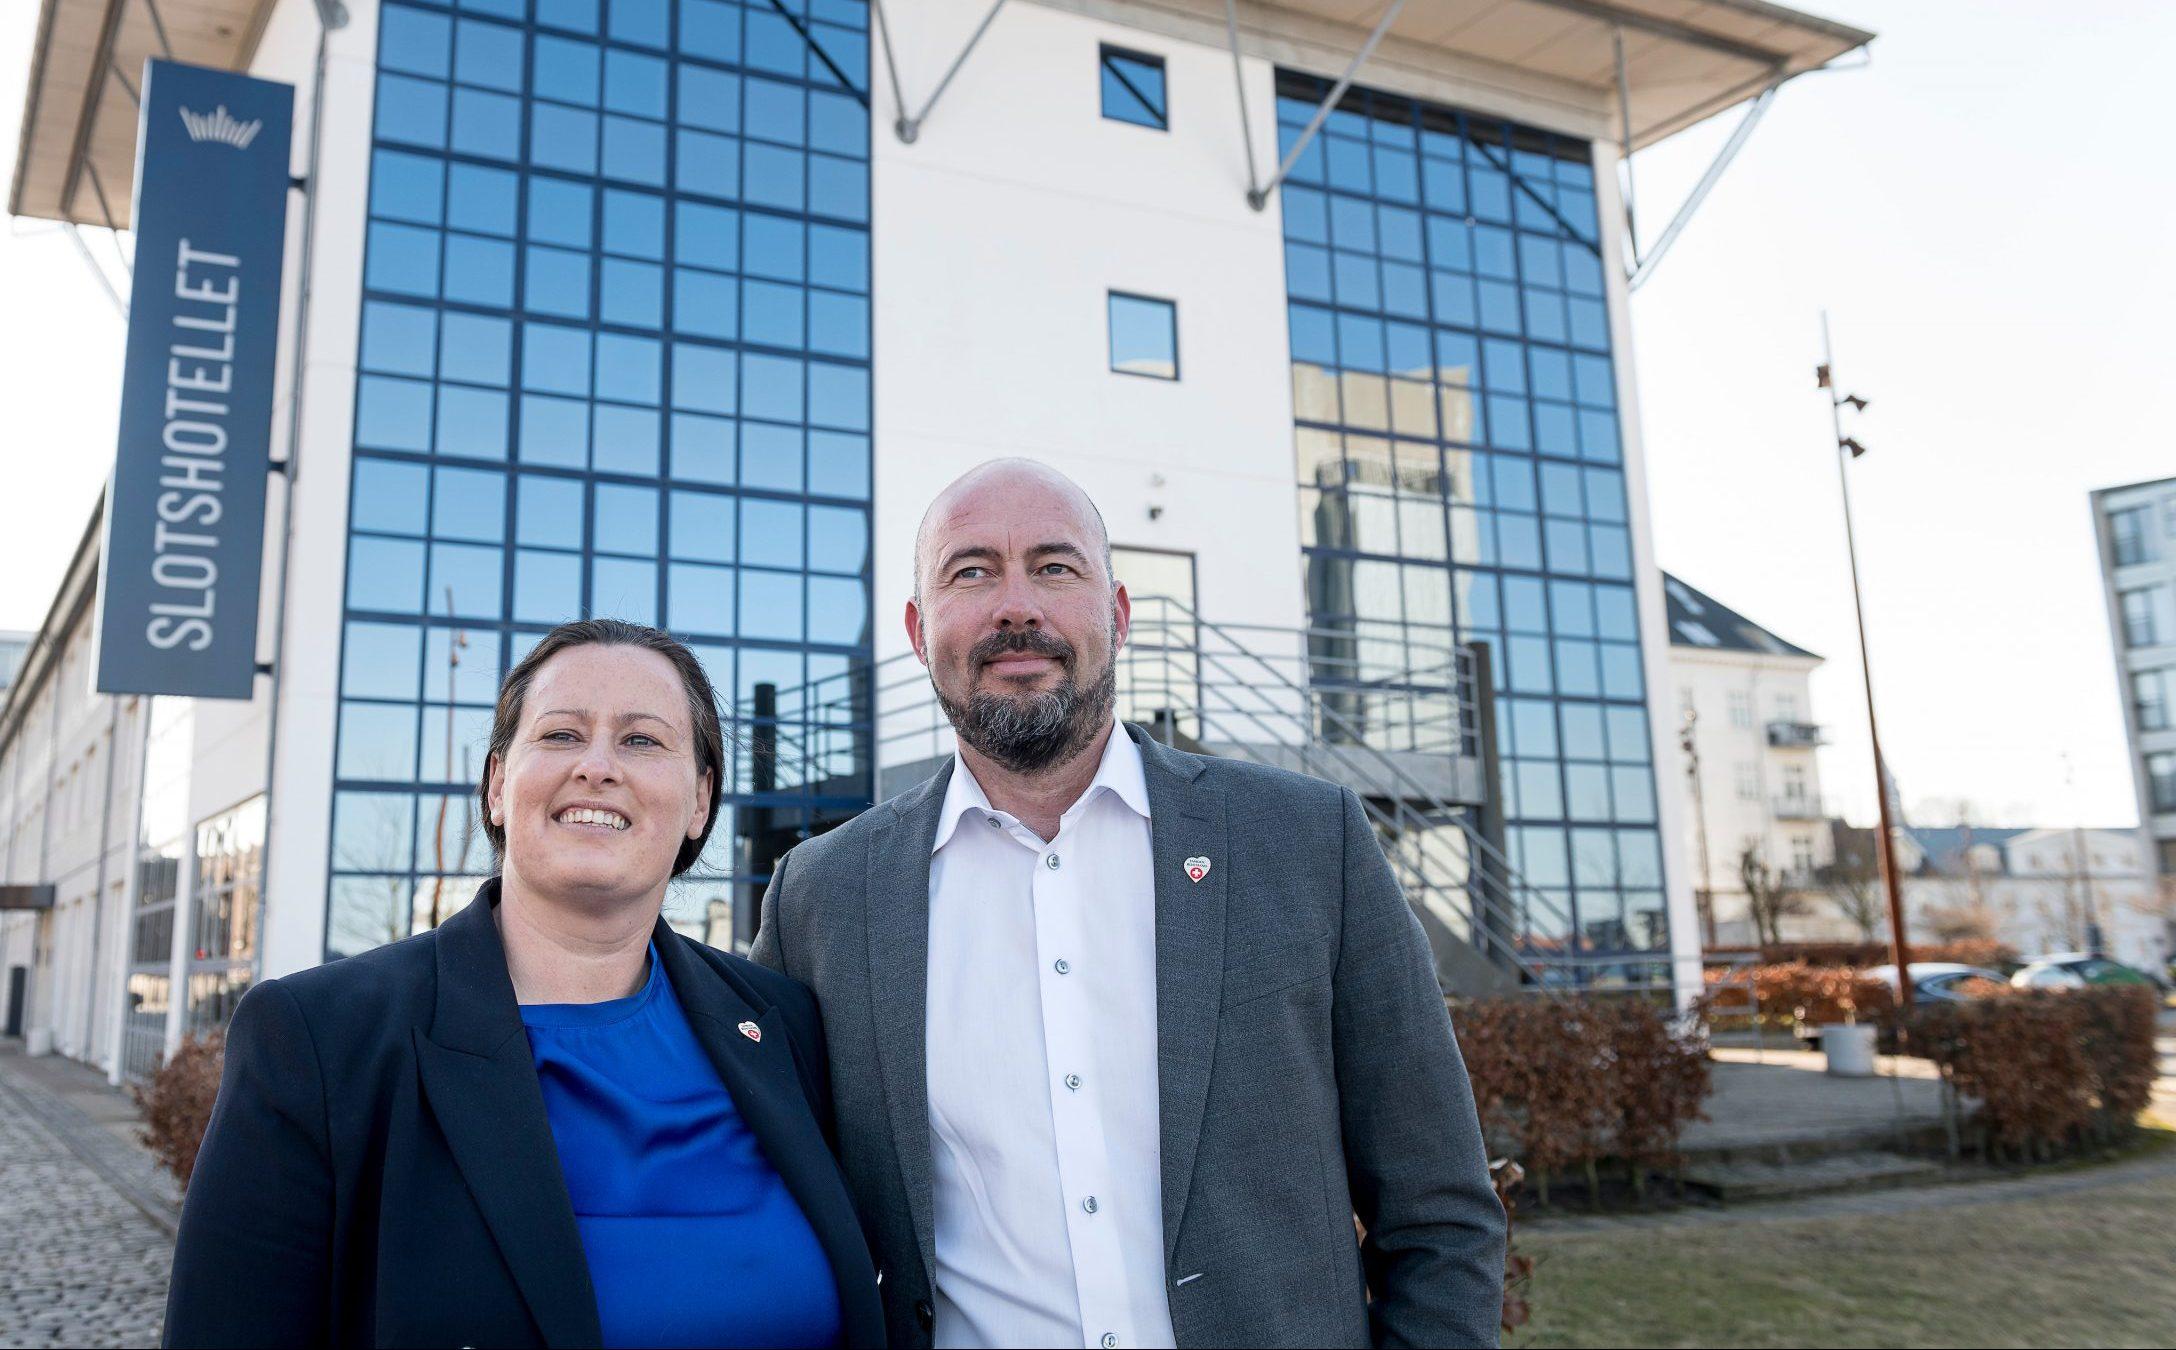 Ægteparret Anemette og Danni Bühlmann, der er tredje generation i Bühlmanns hotelimperium, står i dag i spidsen for hoteldelen af familien. Foto: Michael Bo Rasmussen / Baghuset.